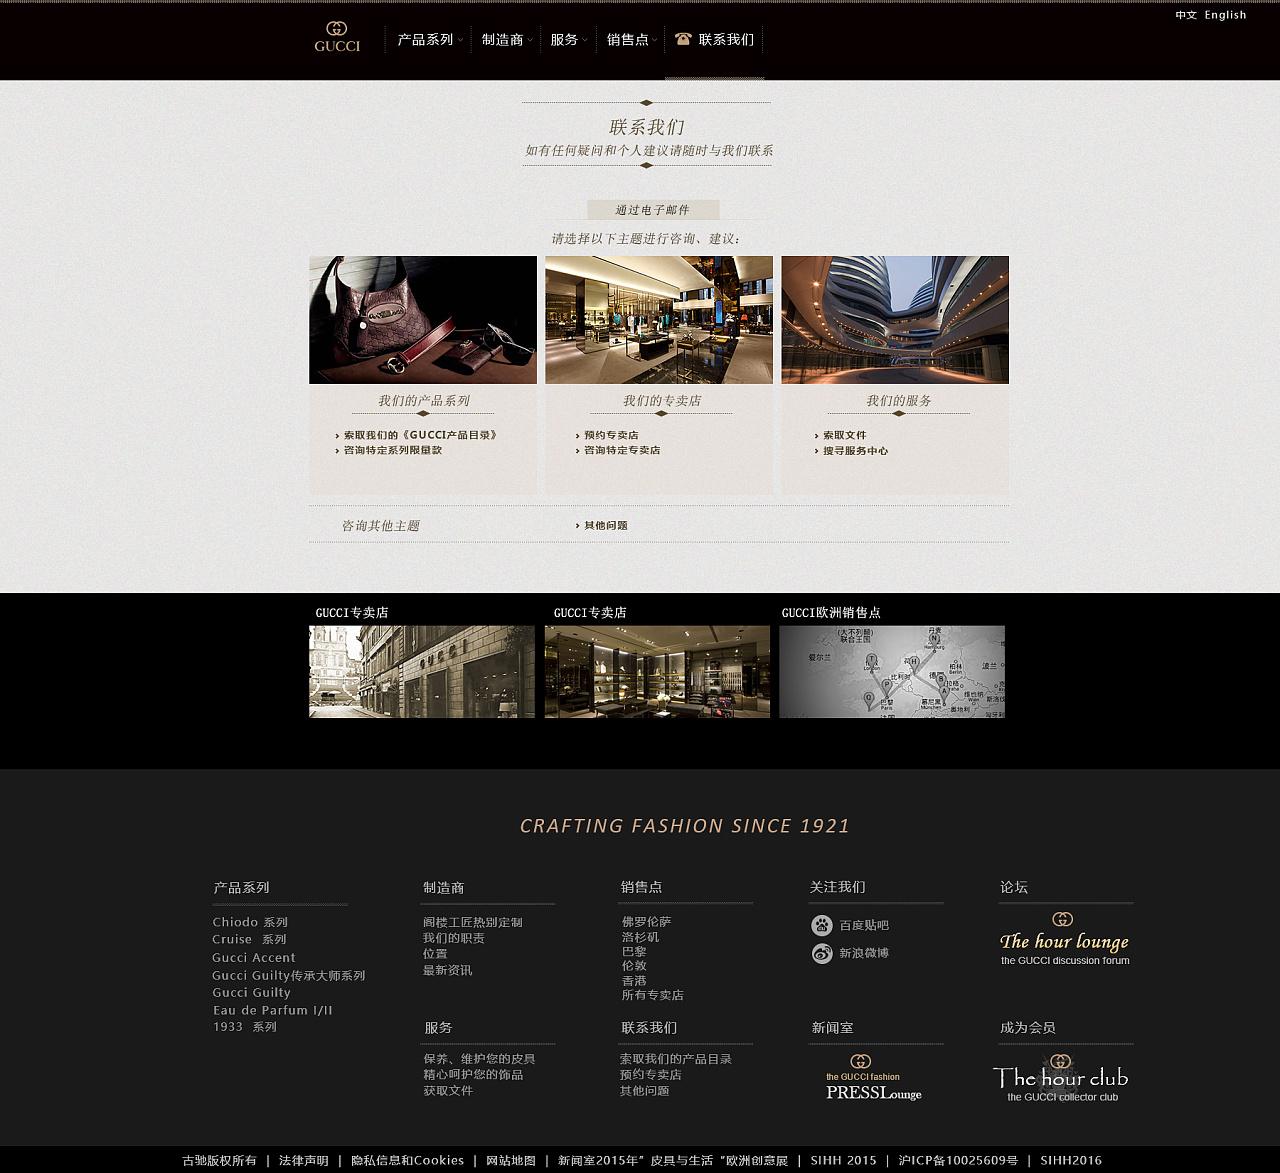 官网_kaja家居用品专题页,古驰官网设计,手机图标设计